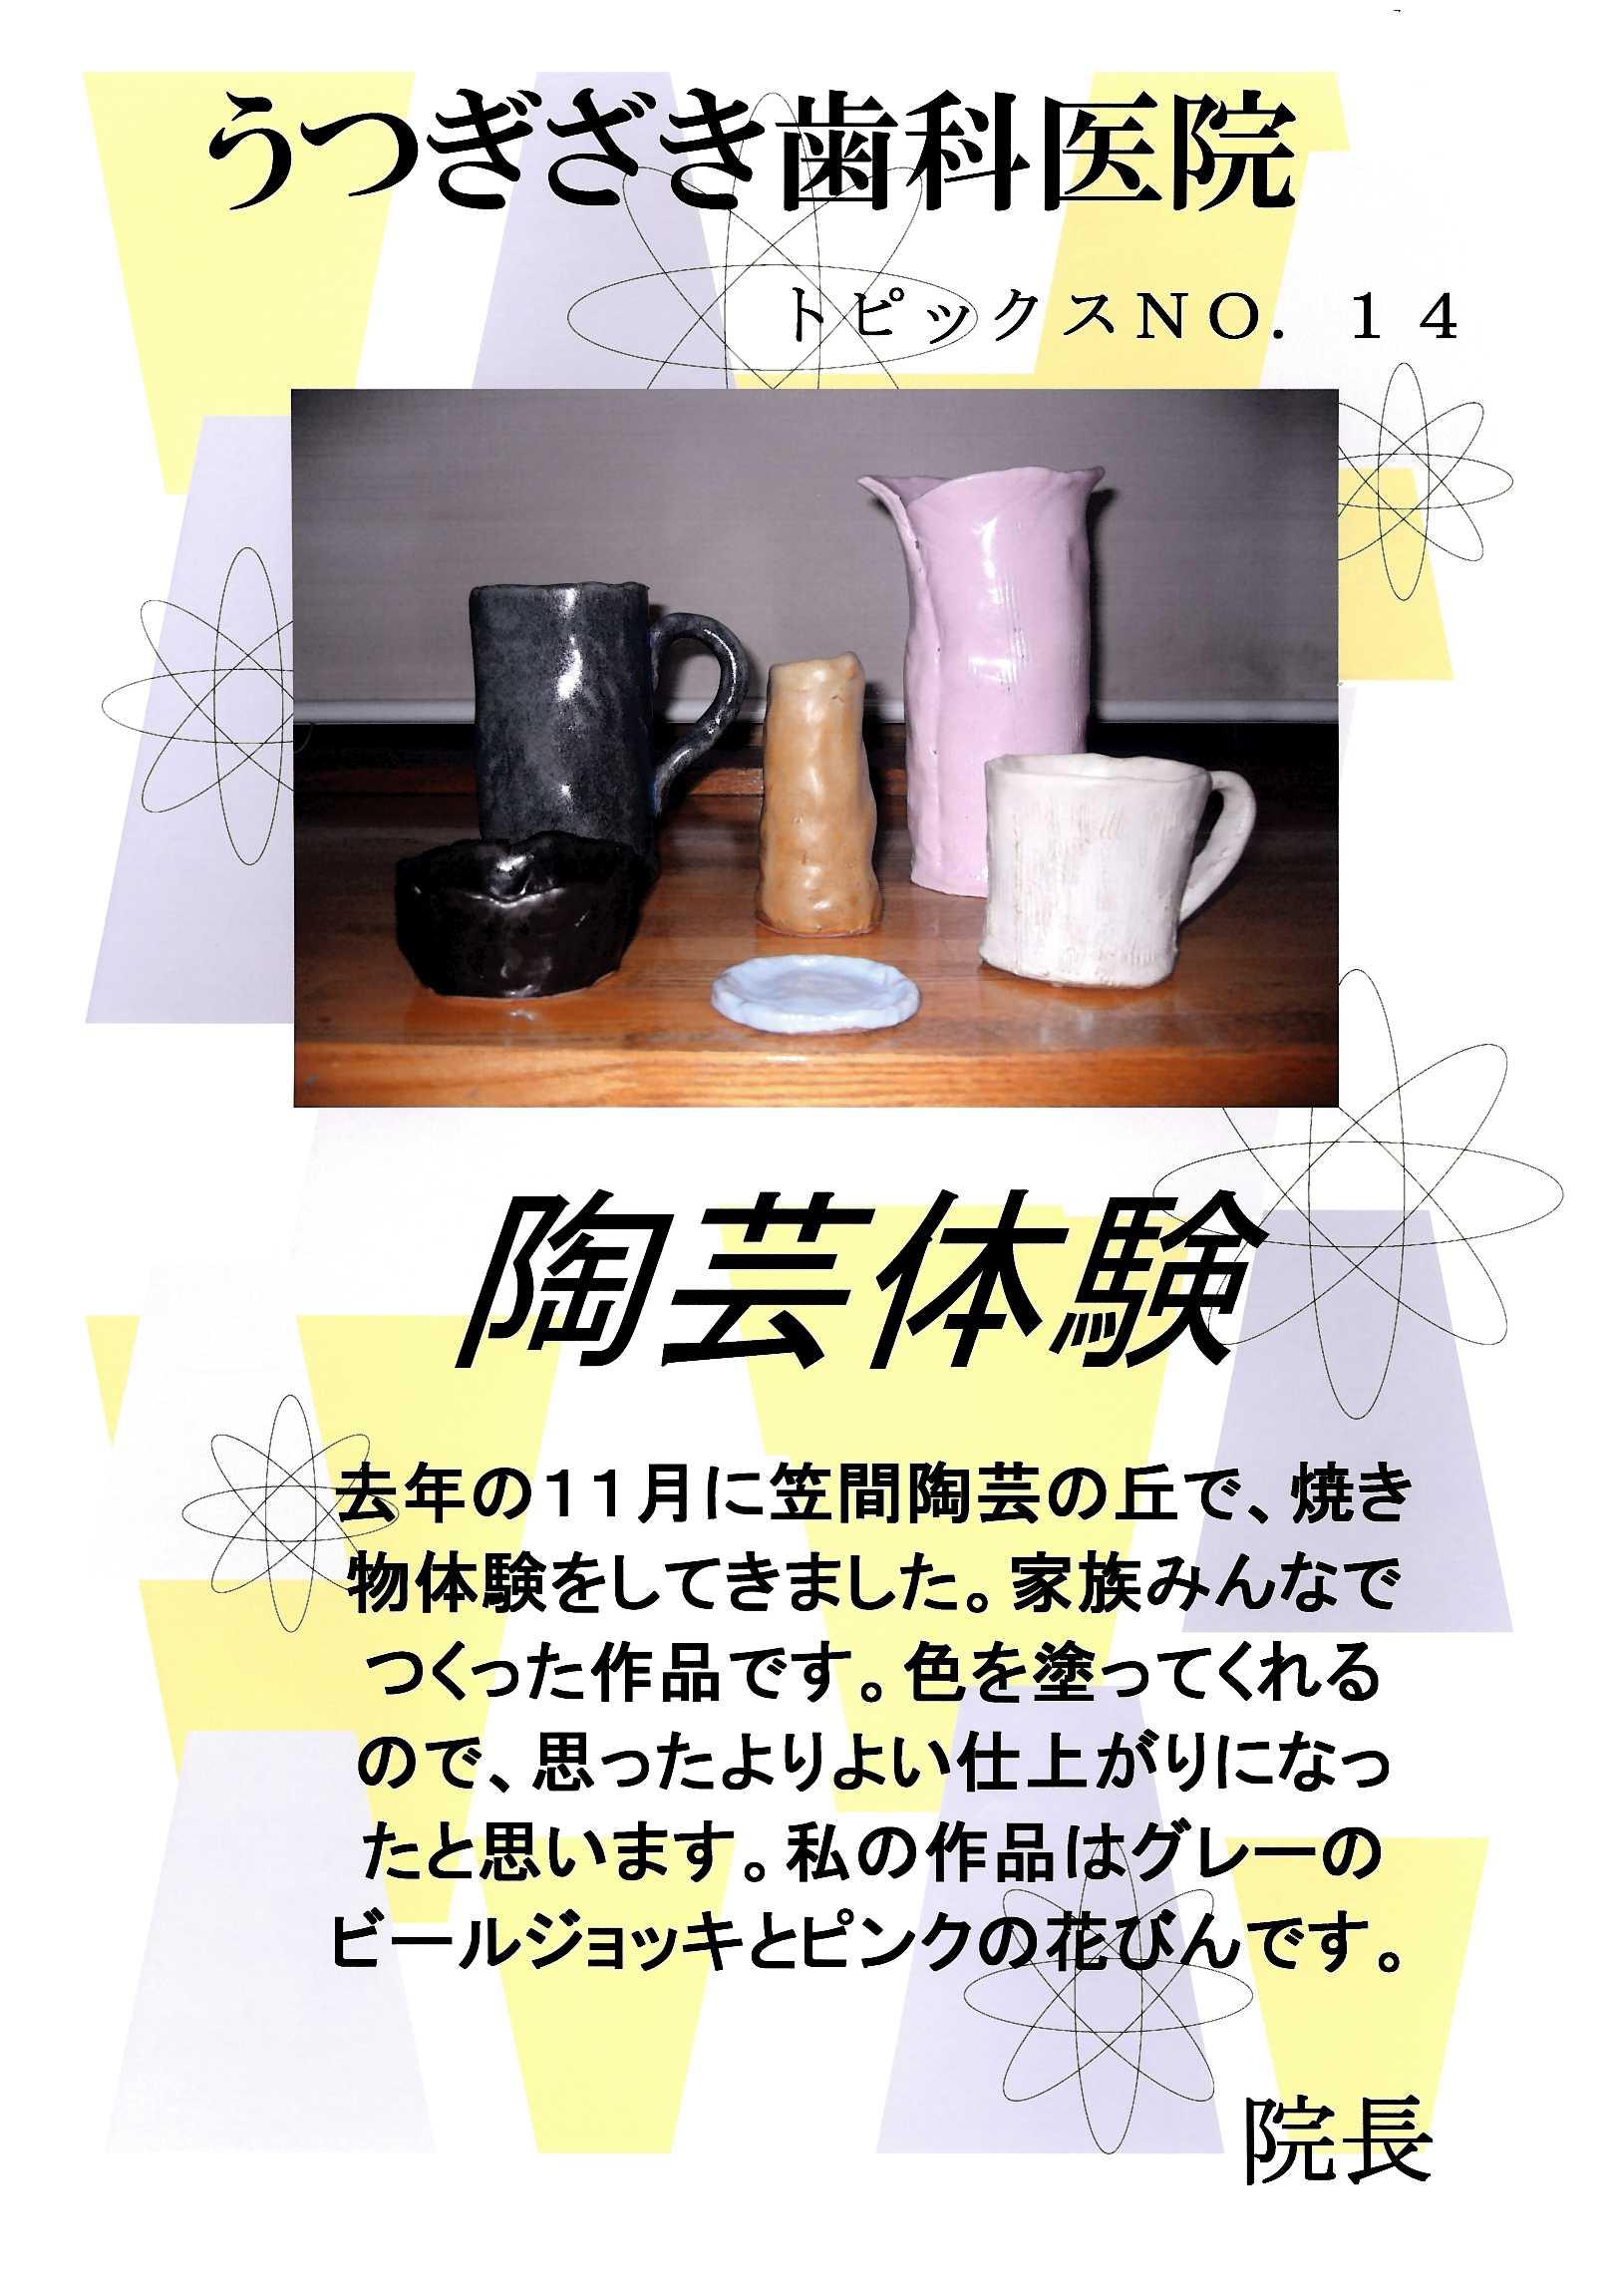 うつぎざき歯科医院トピックス NO.14